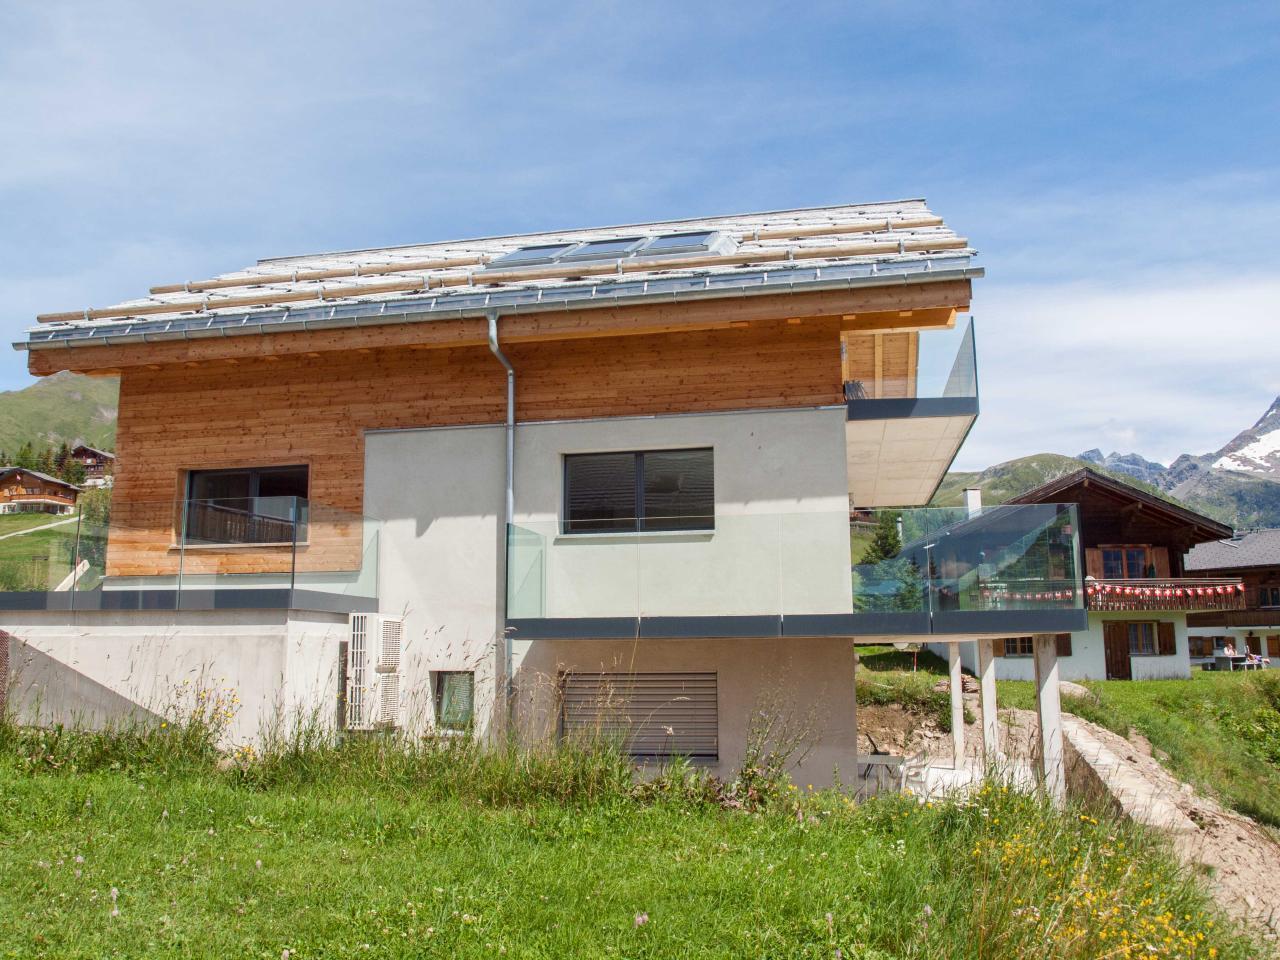 Ferienwohnung Chalet Avista moderne Ferienwohnung auf Rosswald im Wallis (2296310), Rosswald, Brig - Simplon, Wallis, Schweiz, Bild 11